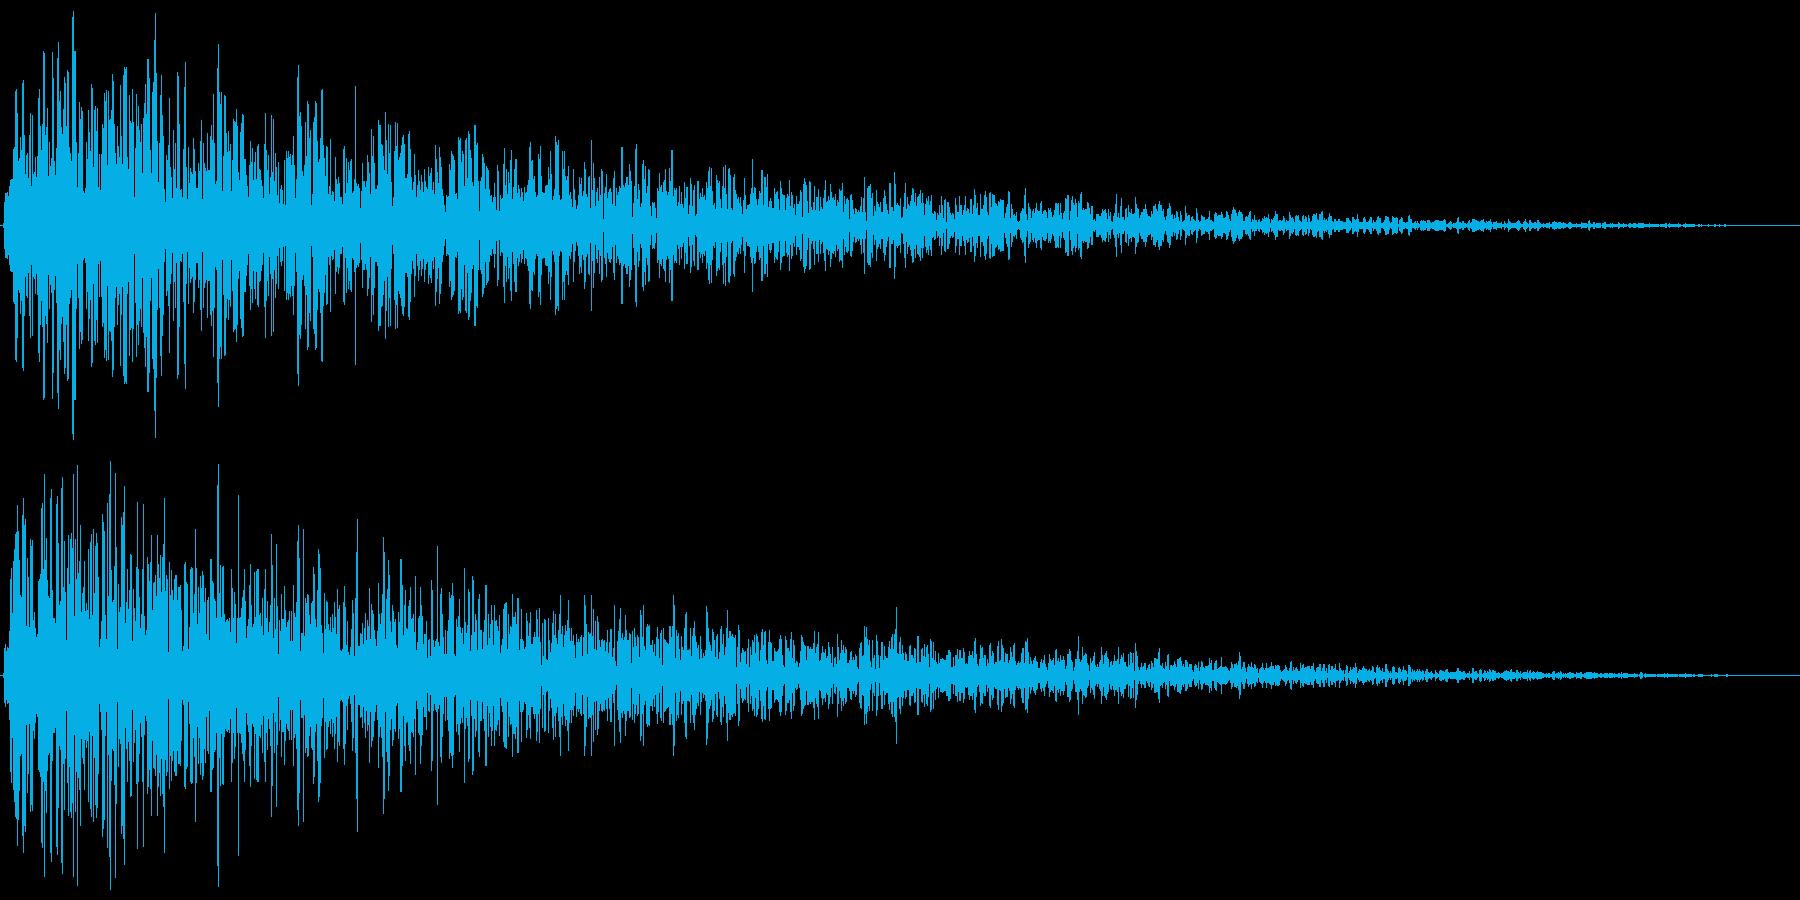 ズーン (ショック、衝撃を受ける) ①の再生済みの波形